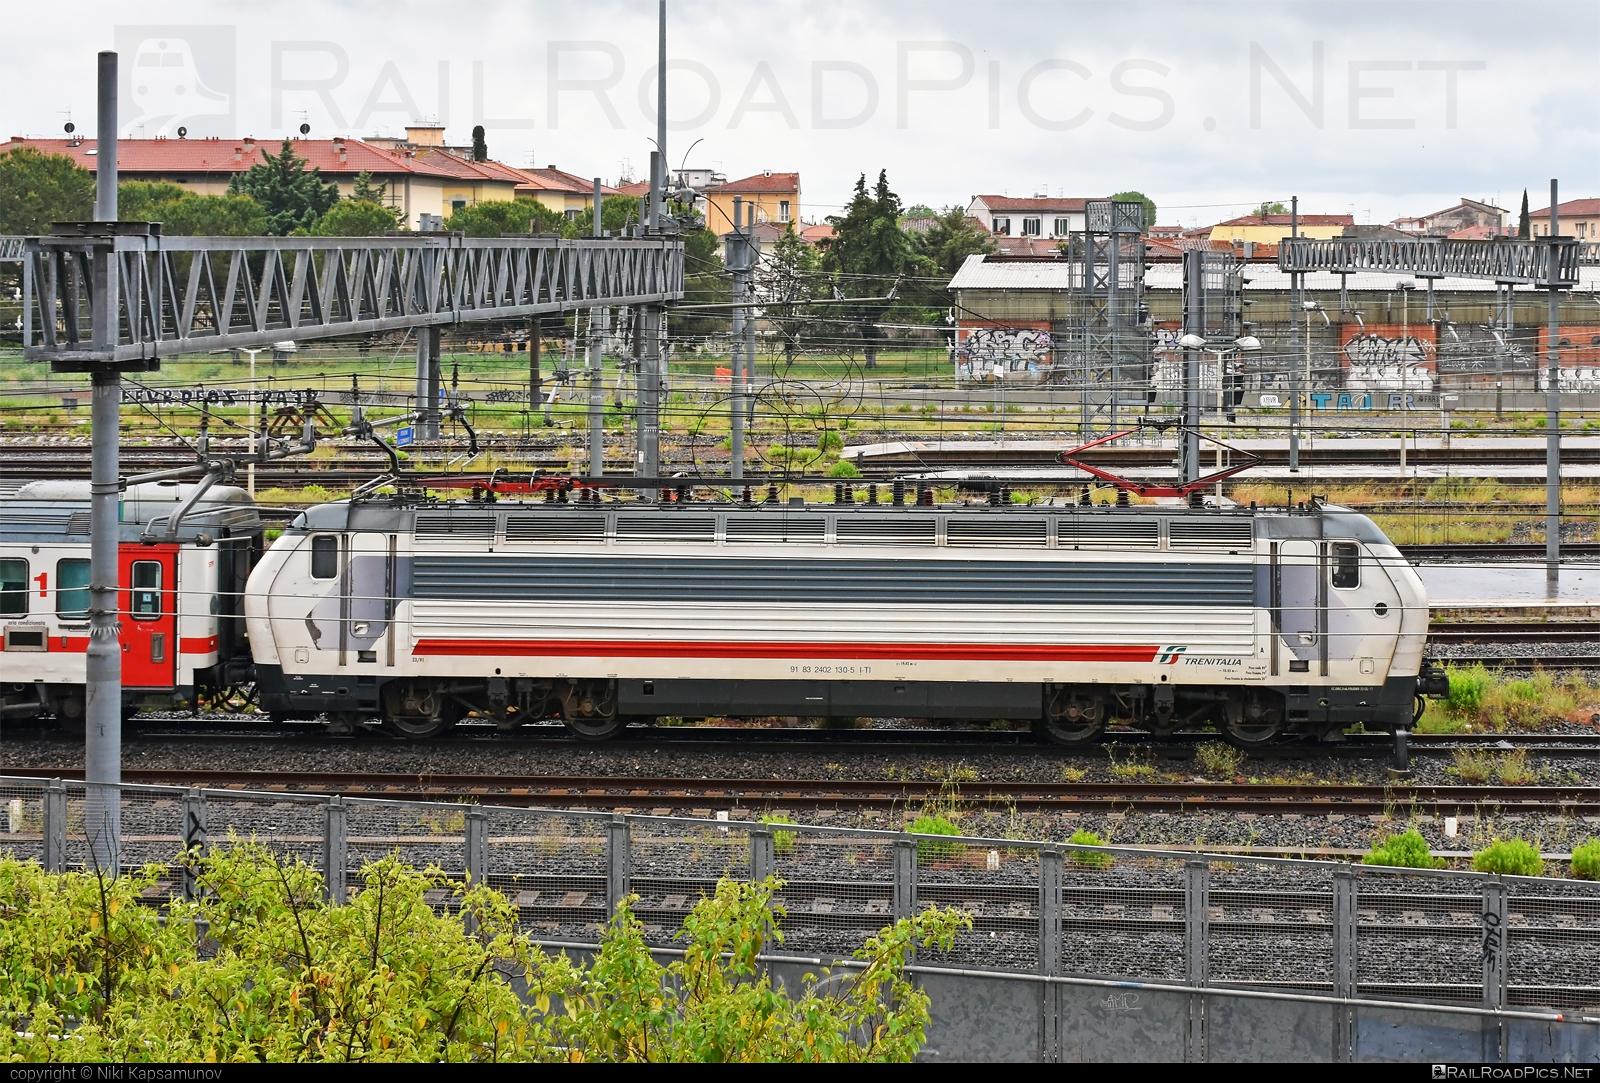 Ansaldo Trasporti Class E.402B - 2402 130-5 operated by Trenitalia S.p.A. #ansaldo402 #ansaldoe402 #ansaldoe402b #ansaldotrasporti #e402 #e402b #ferroviedellostato #fs #fsitaliane #trenitalia #trenitaliaspa